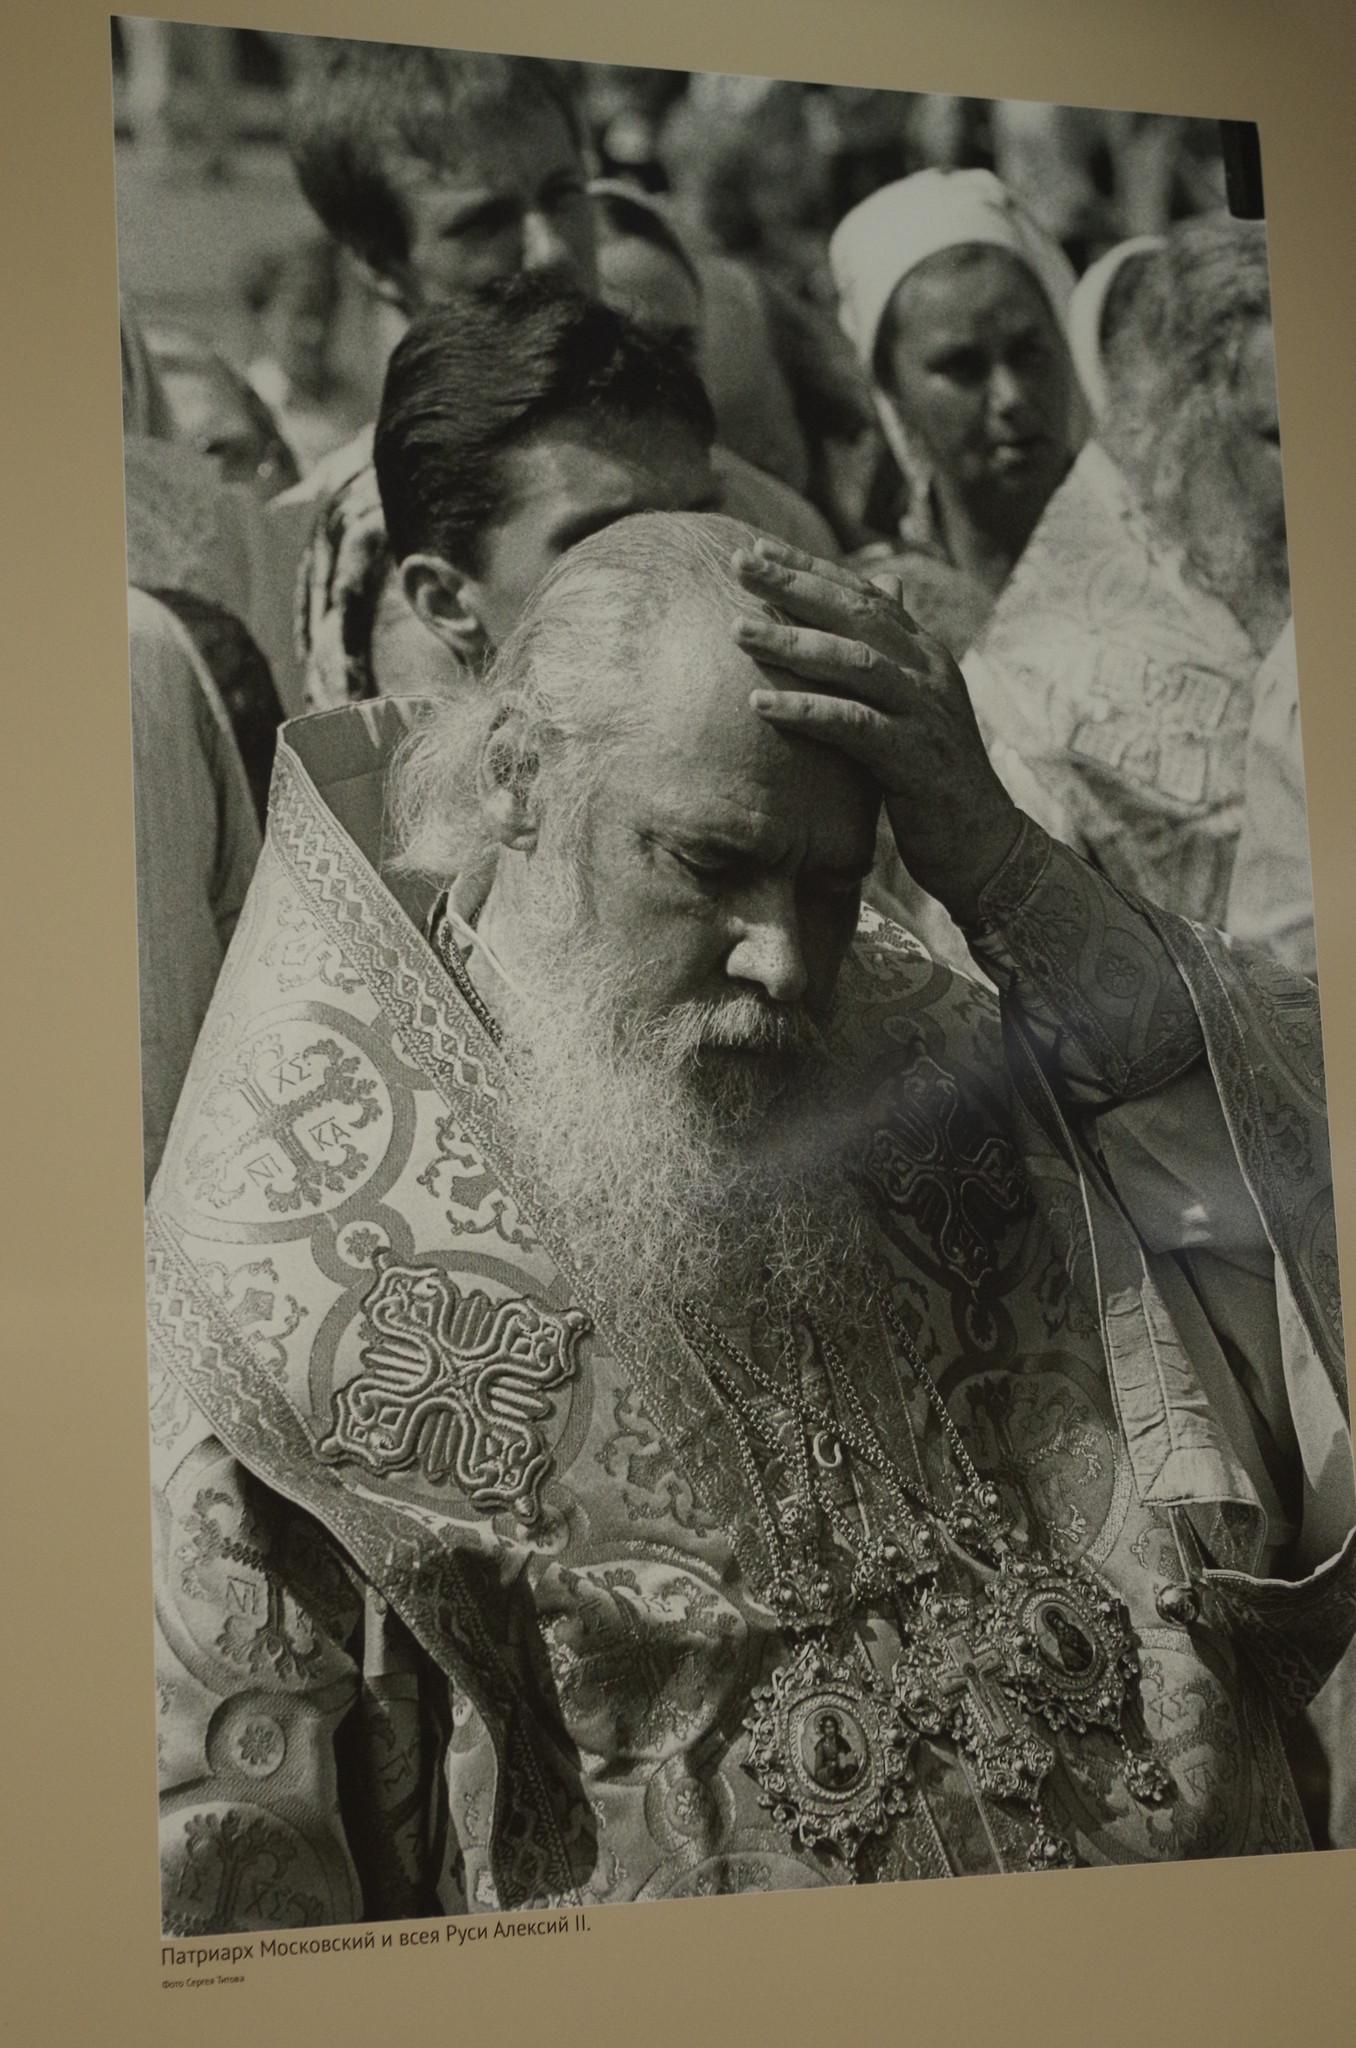 Патриарх Московского и всея Руси Алексий II. Фото Сергея Титова